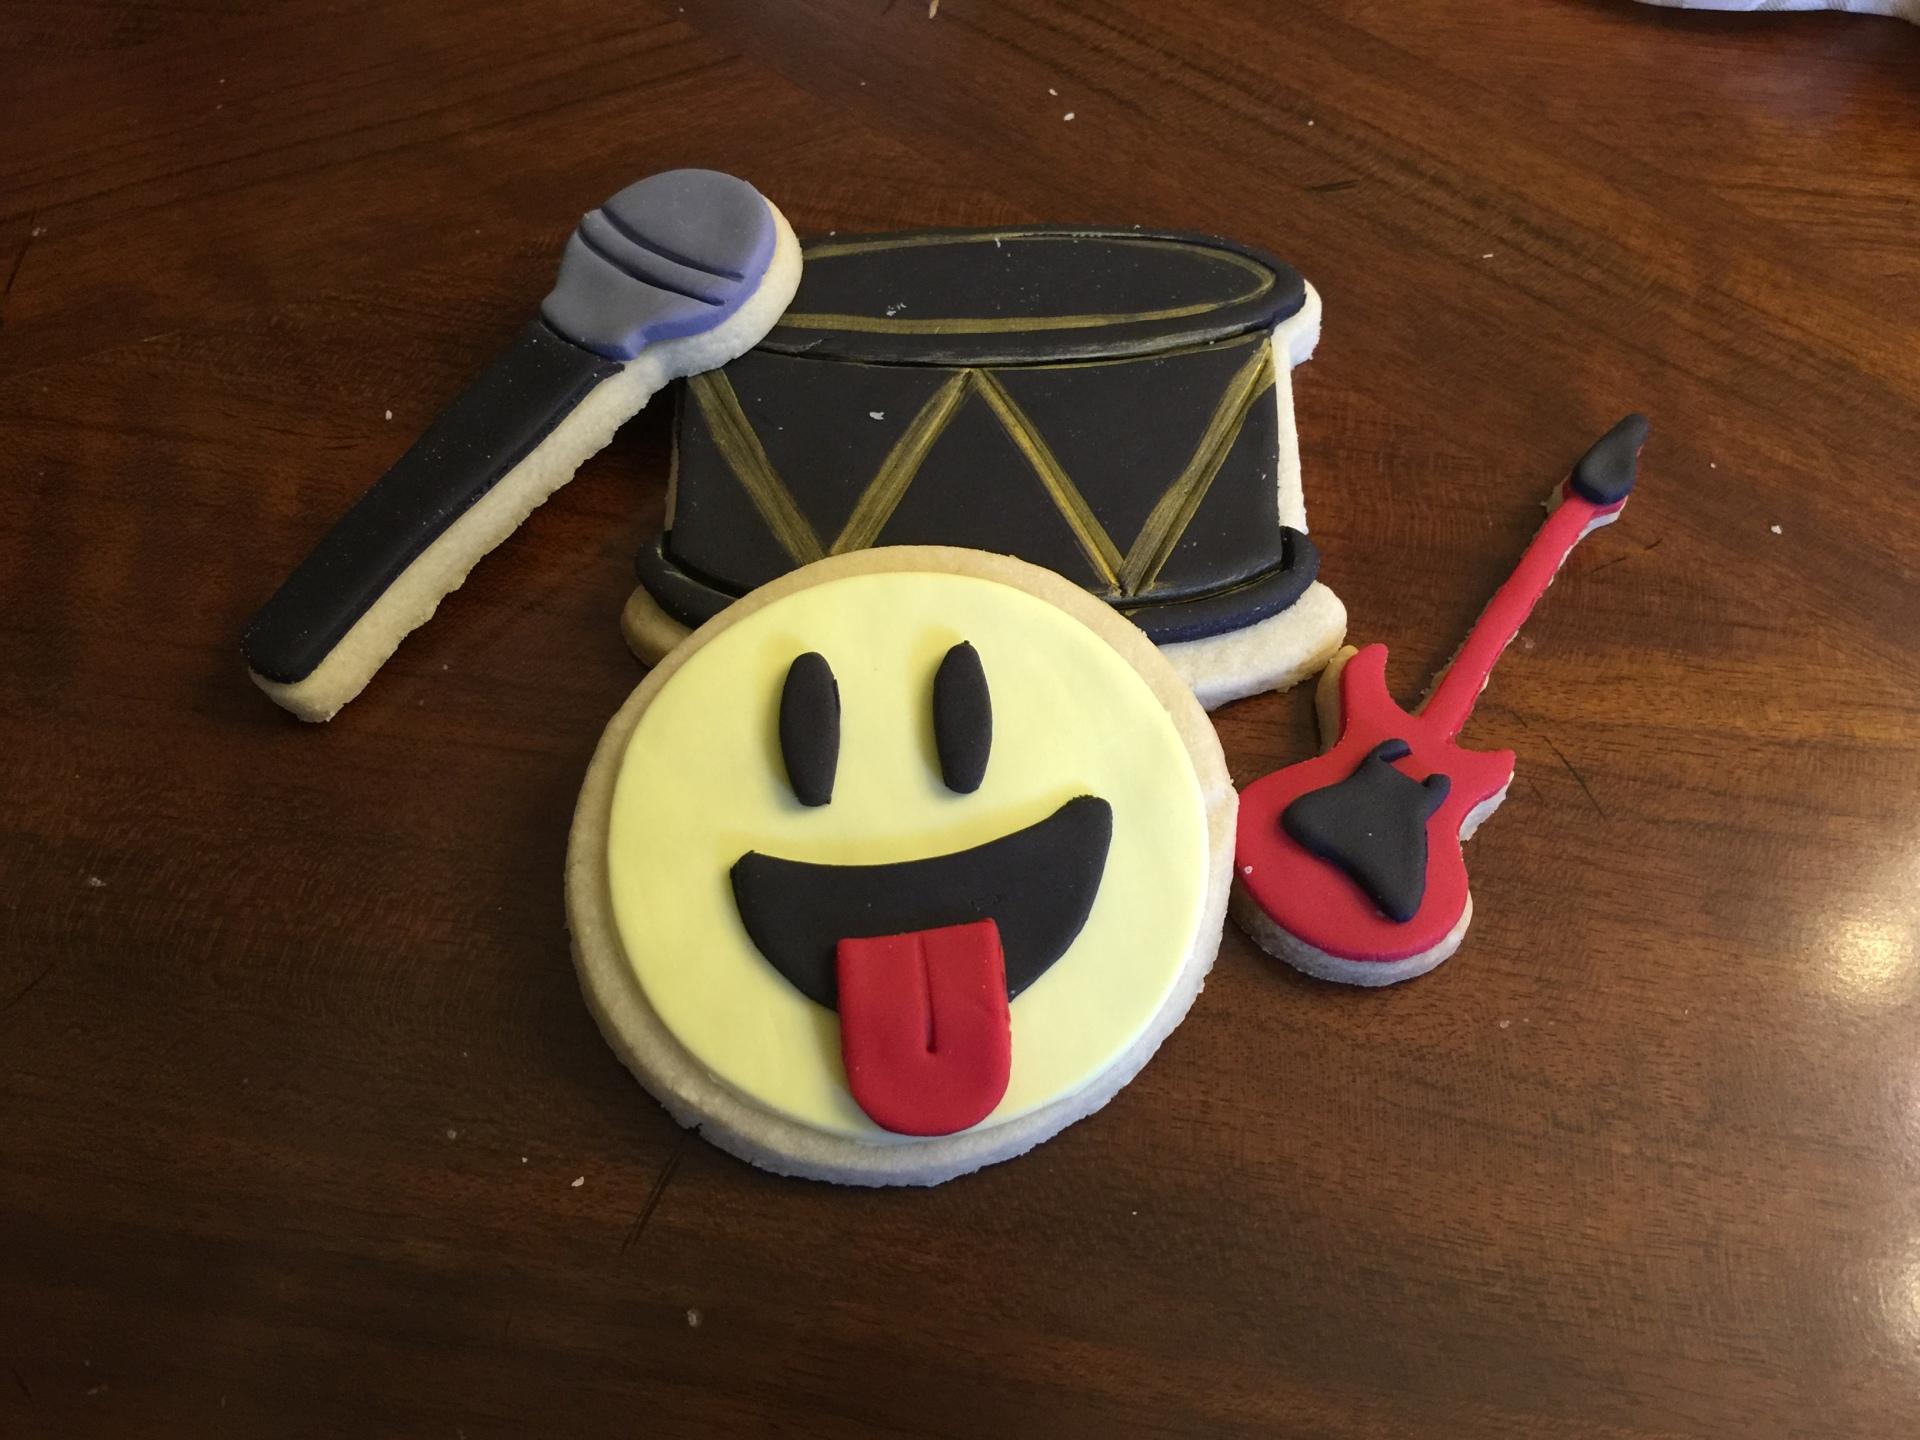 emoji / band